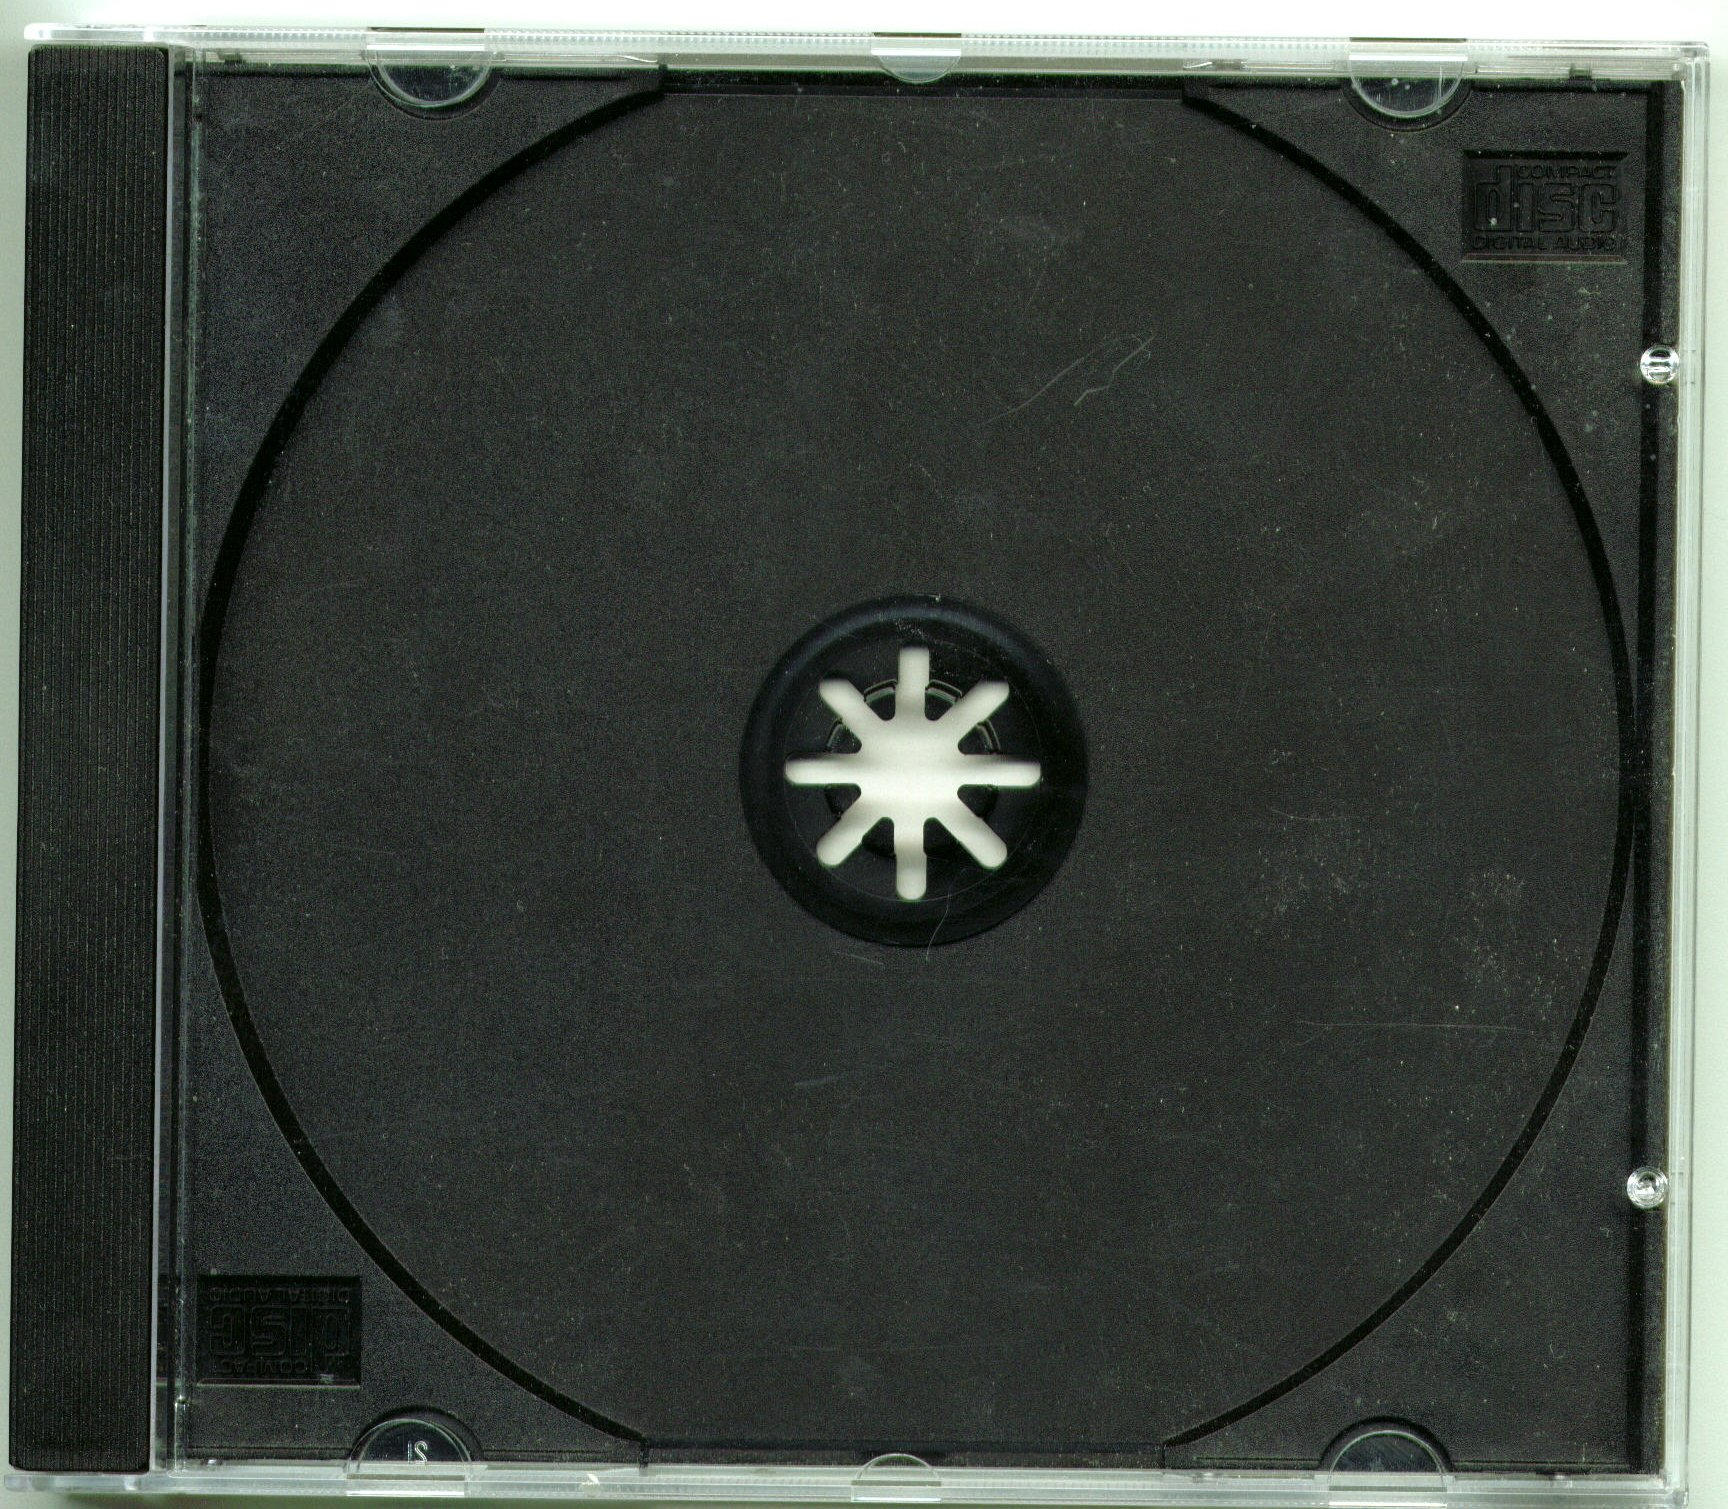 Dvd Cd Case And Disc Sprite By Scott910 On Deviantart